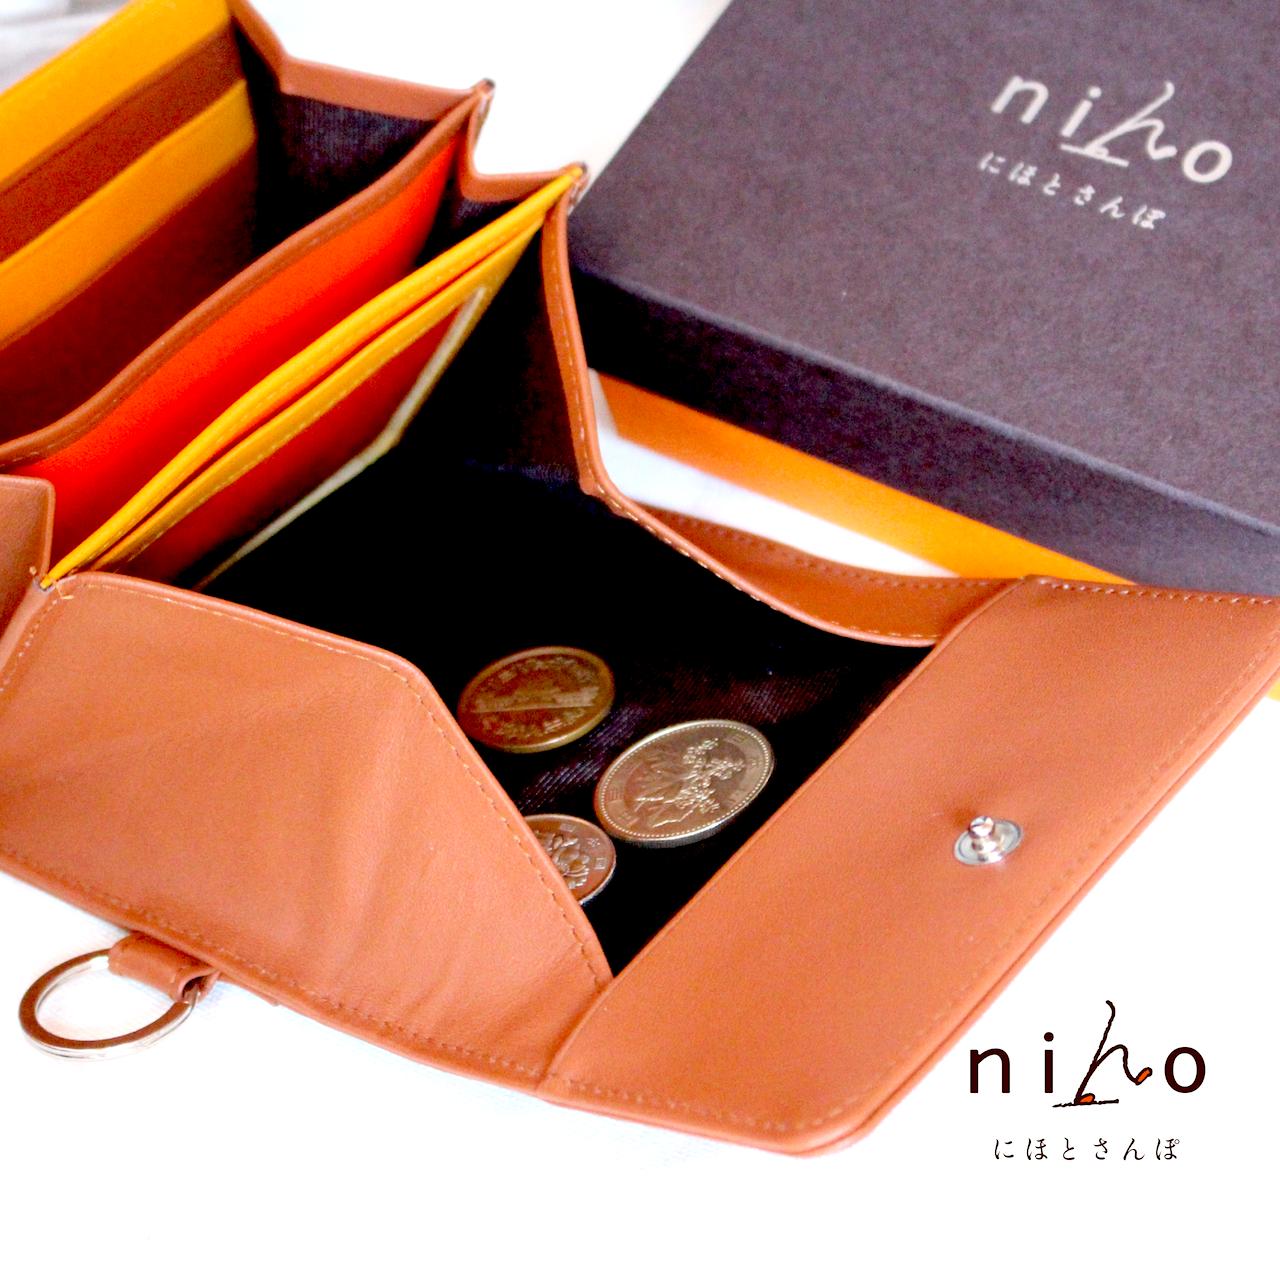 【財布】 - niho - 小銭が取り出しやすい財布《送料無料》